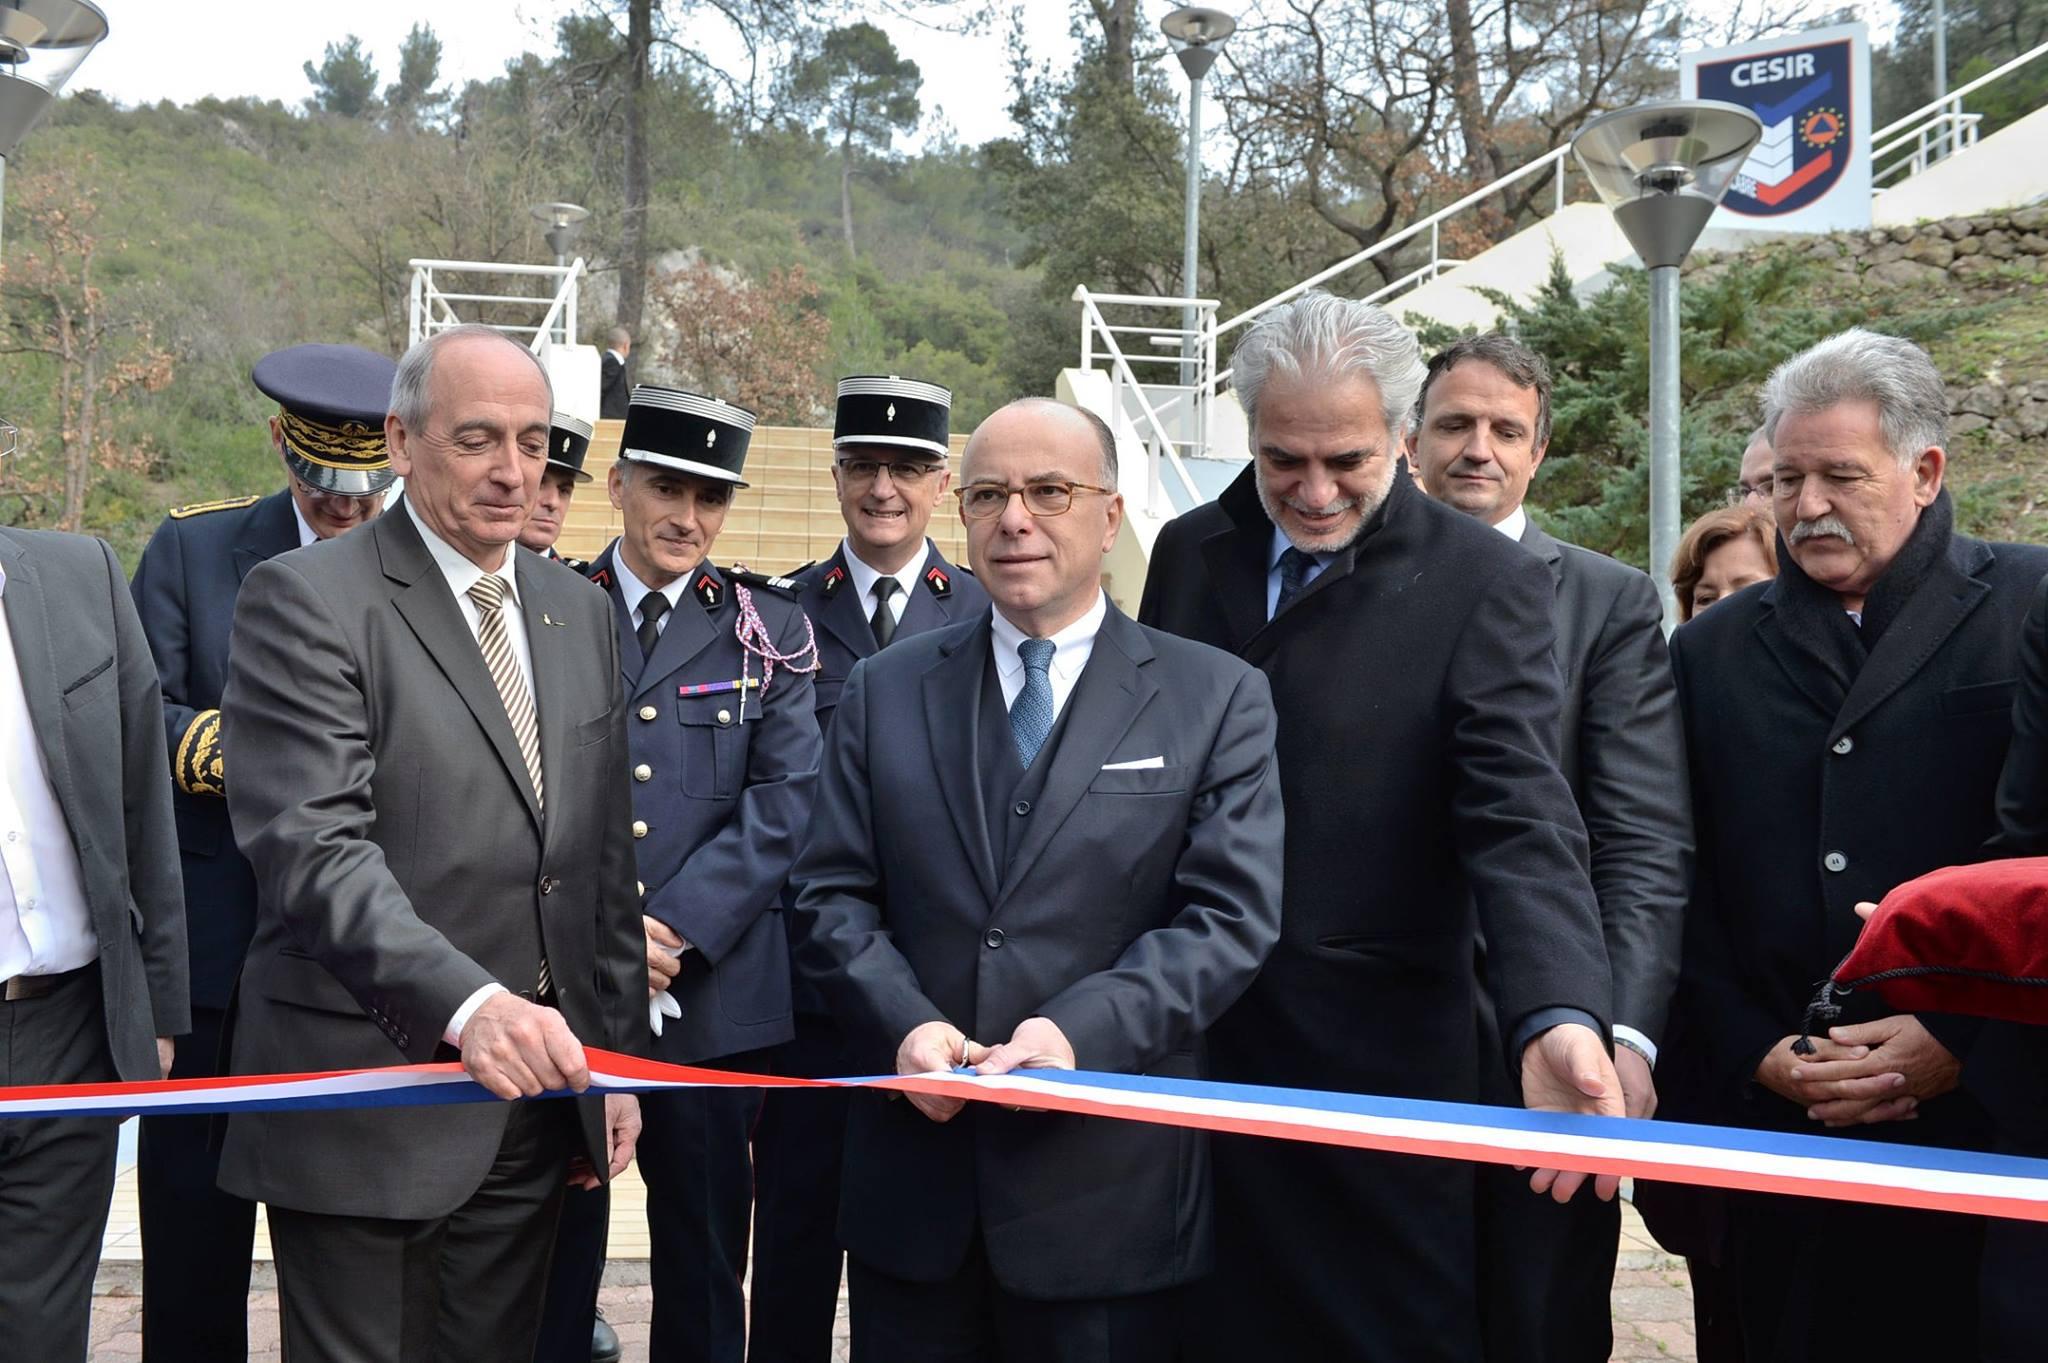 Inauguration du CESIR à Valabre avec Cazeneuve